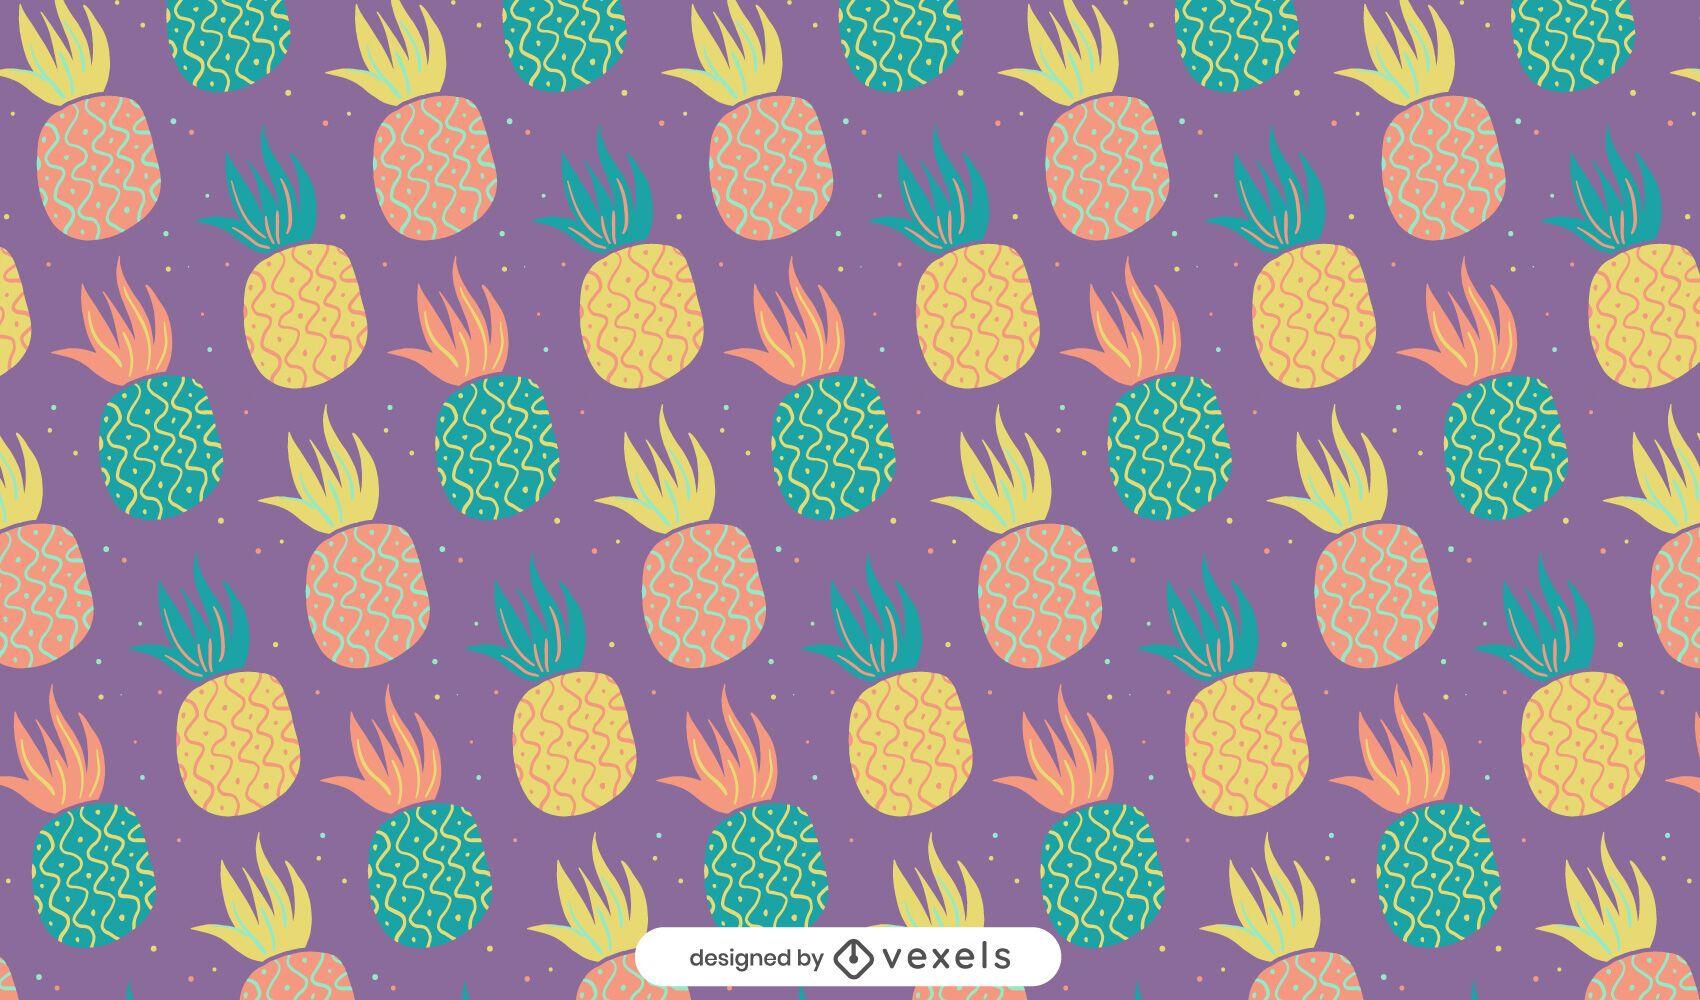 Desenho padr?o de abacaxis doodle